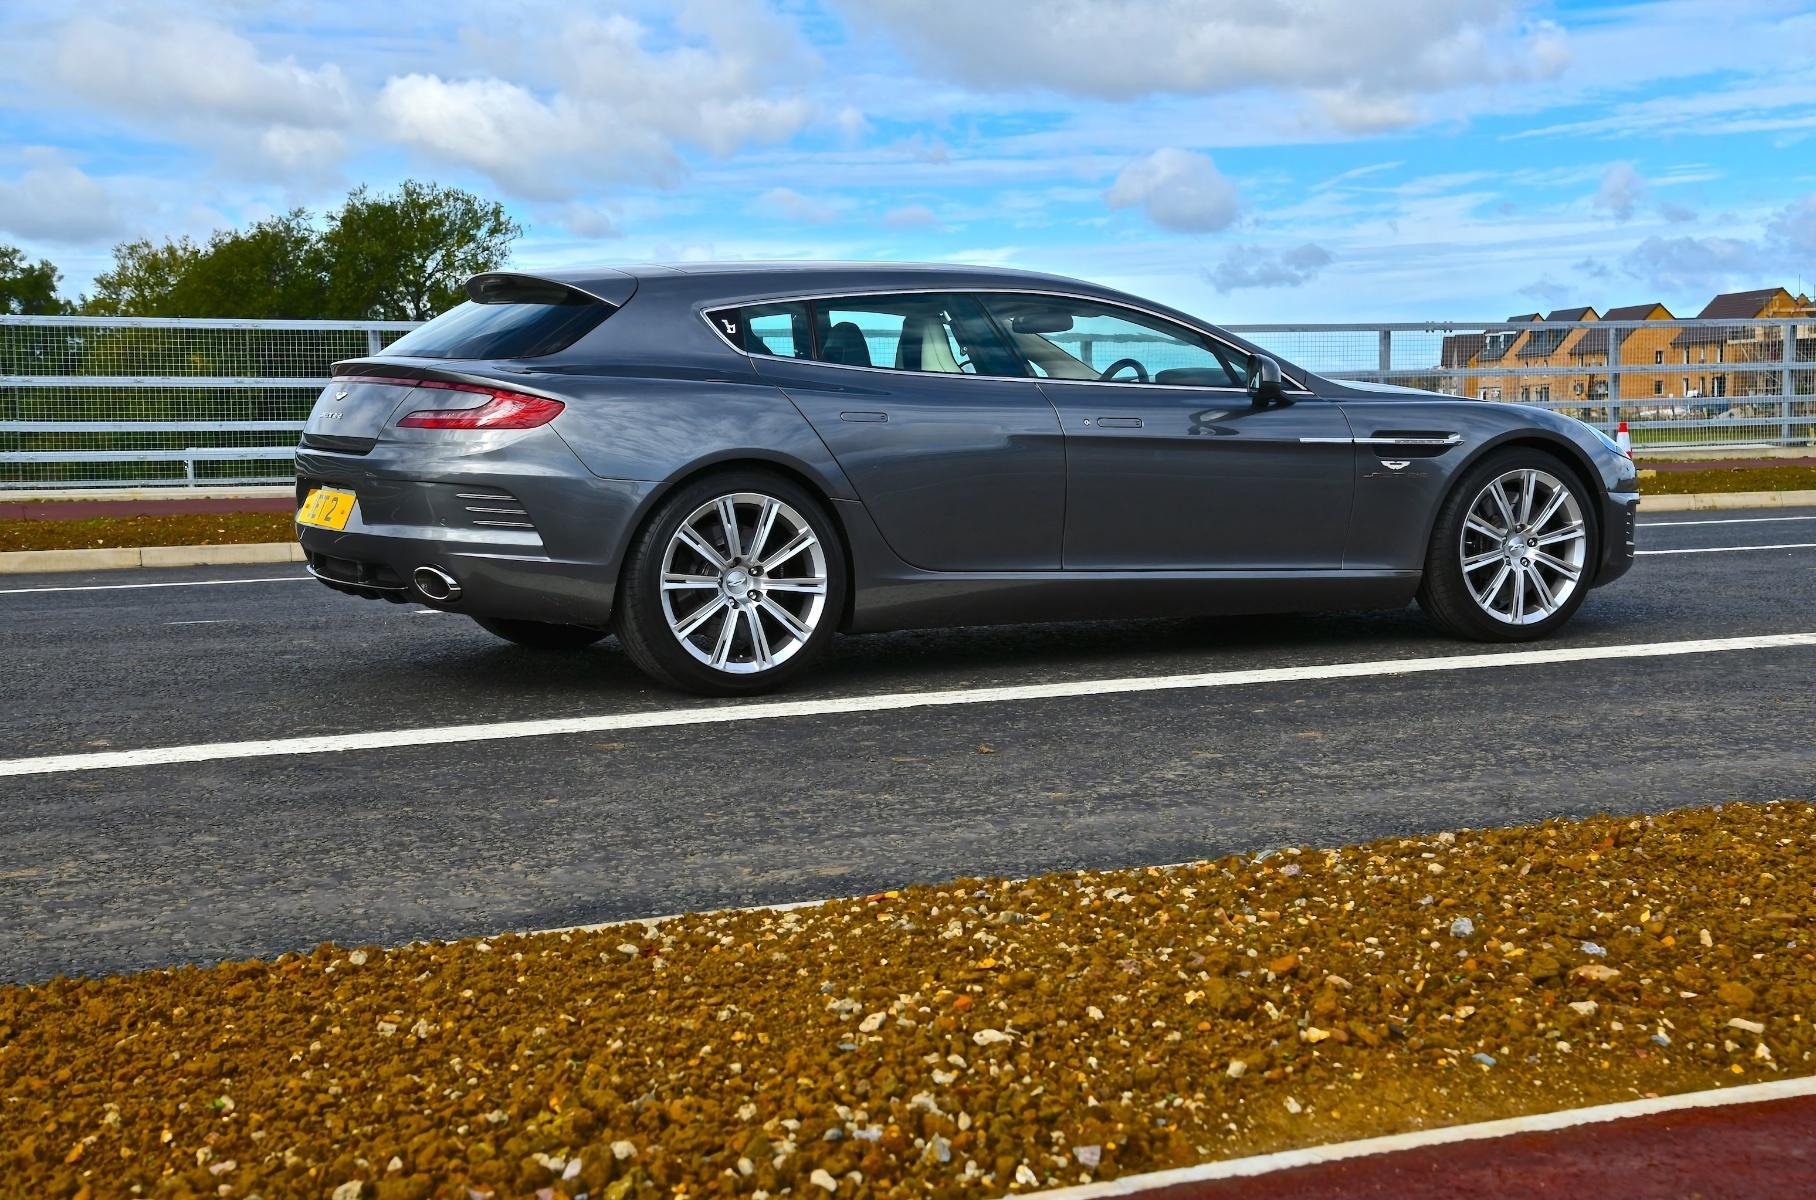 Уникальный универсал Aston Martin выставили на продажу